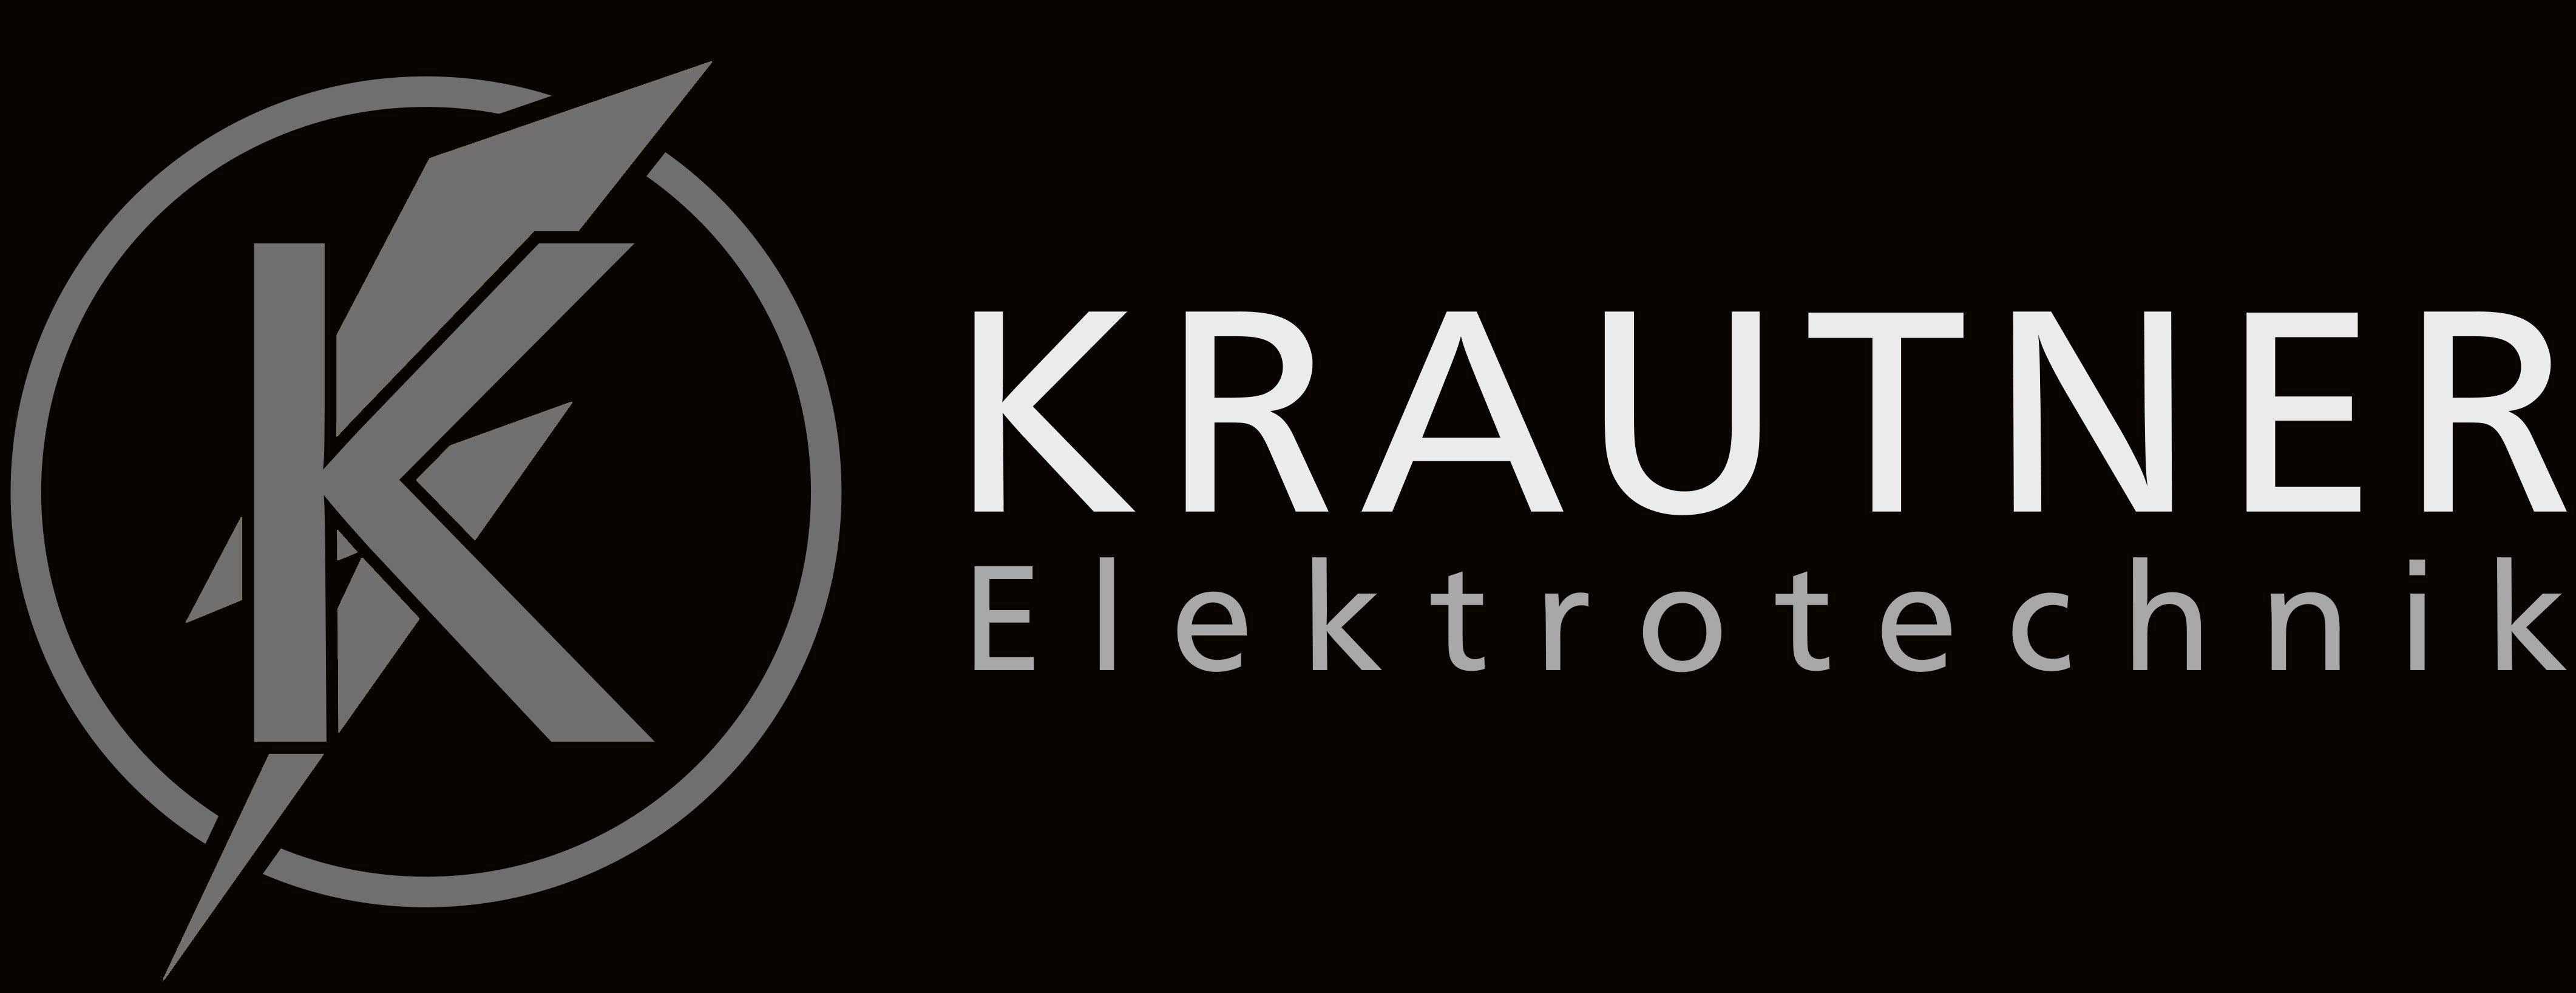 Krautner Elektrotechnik - Dießen Ammersee